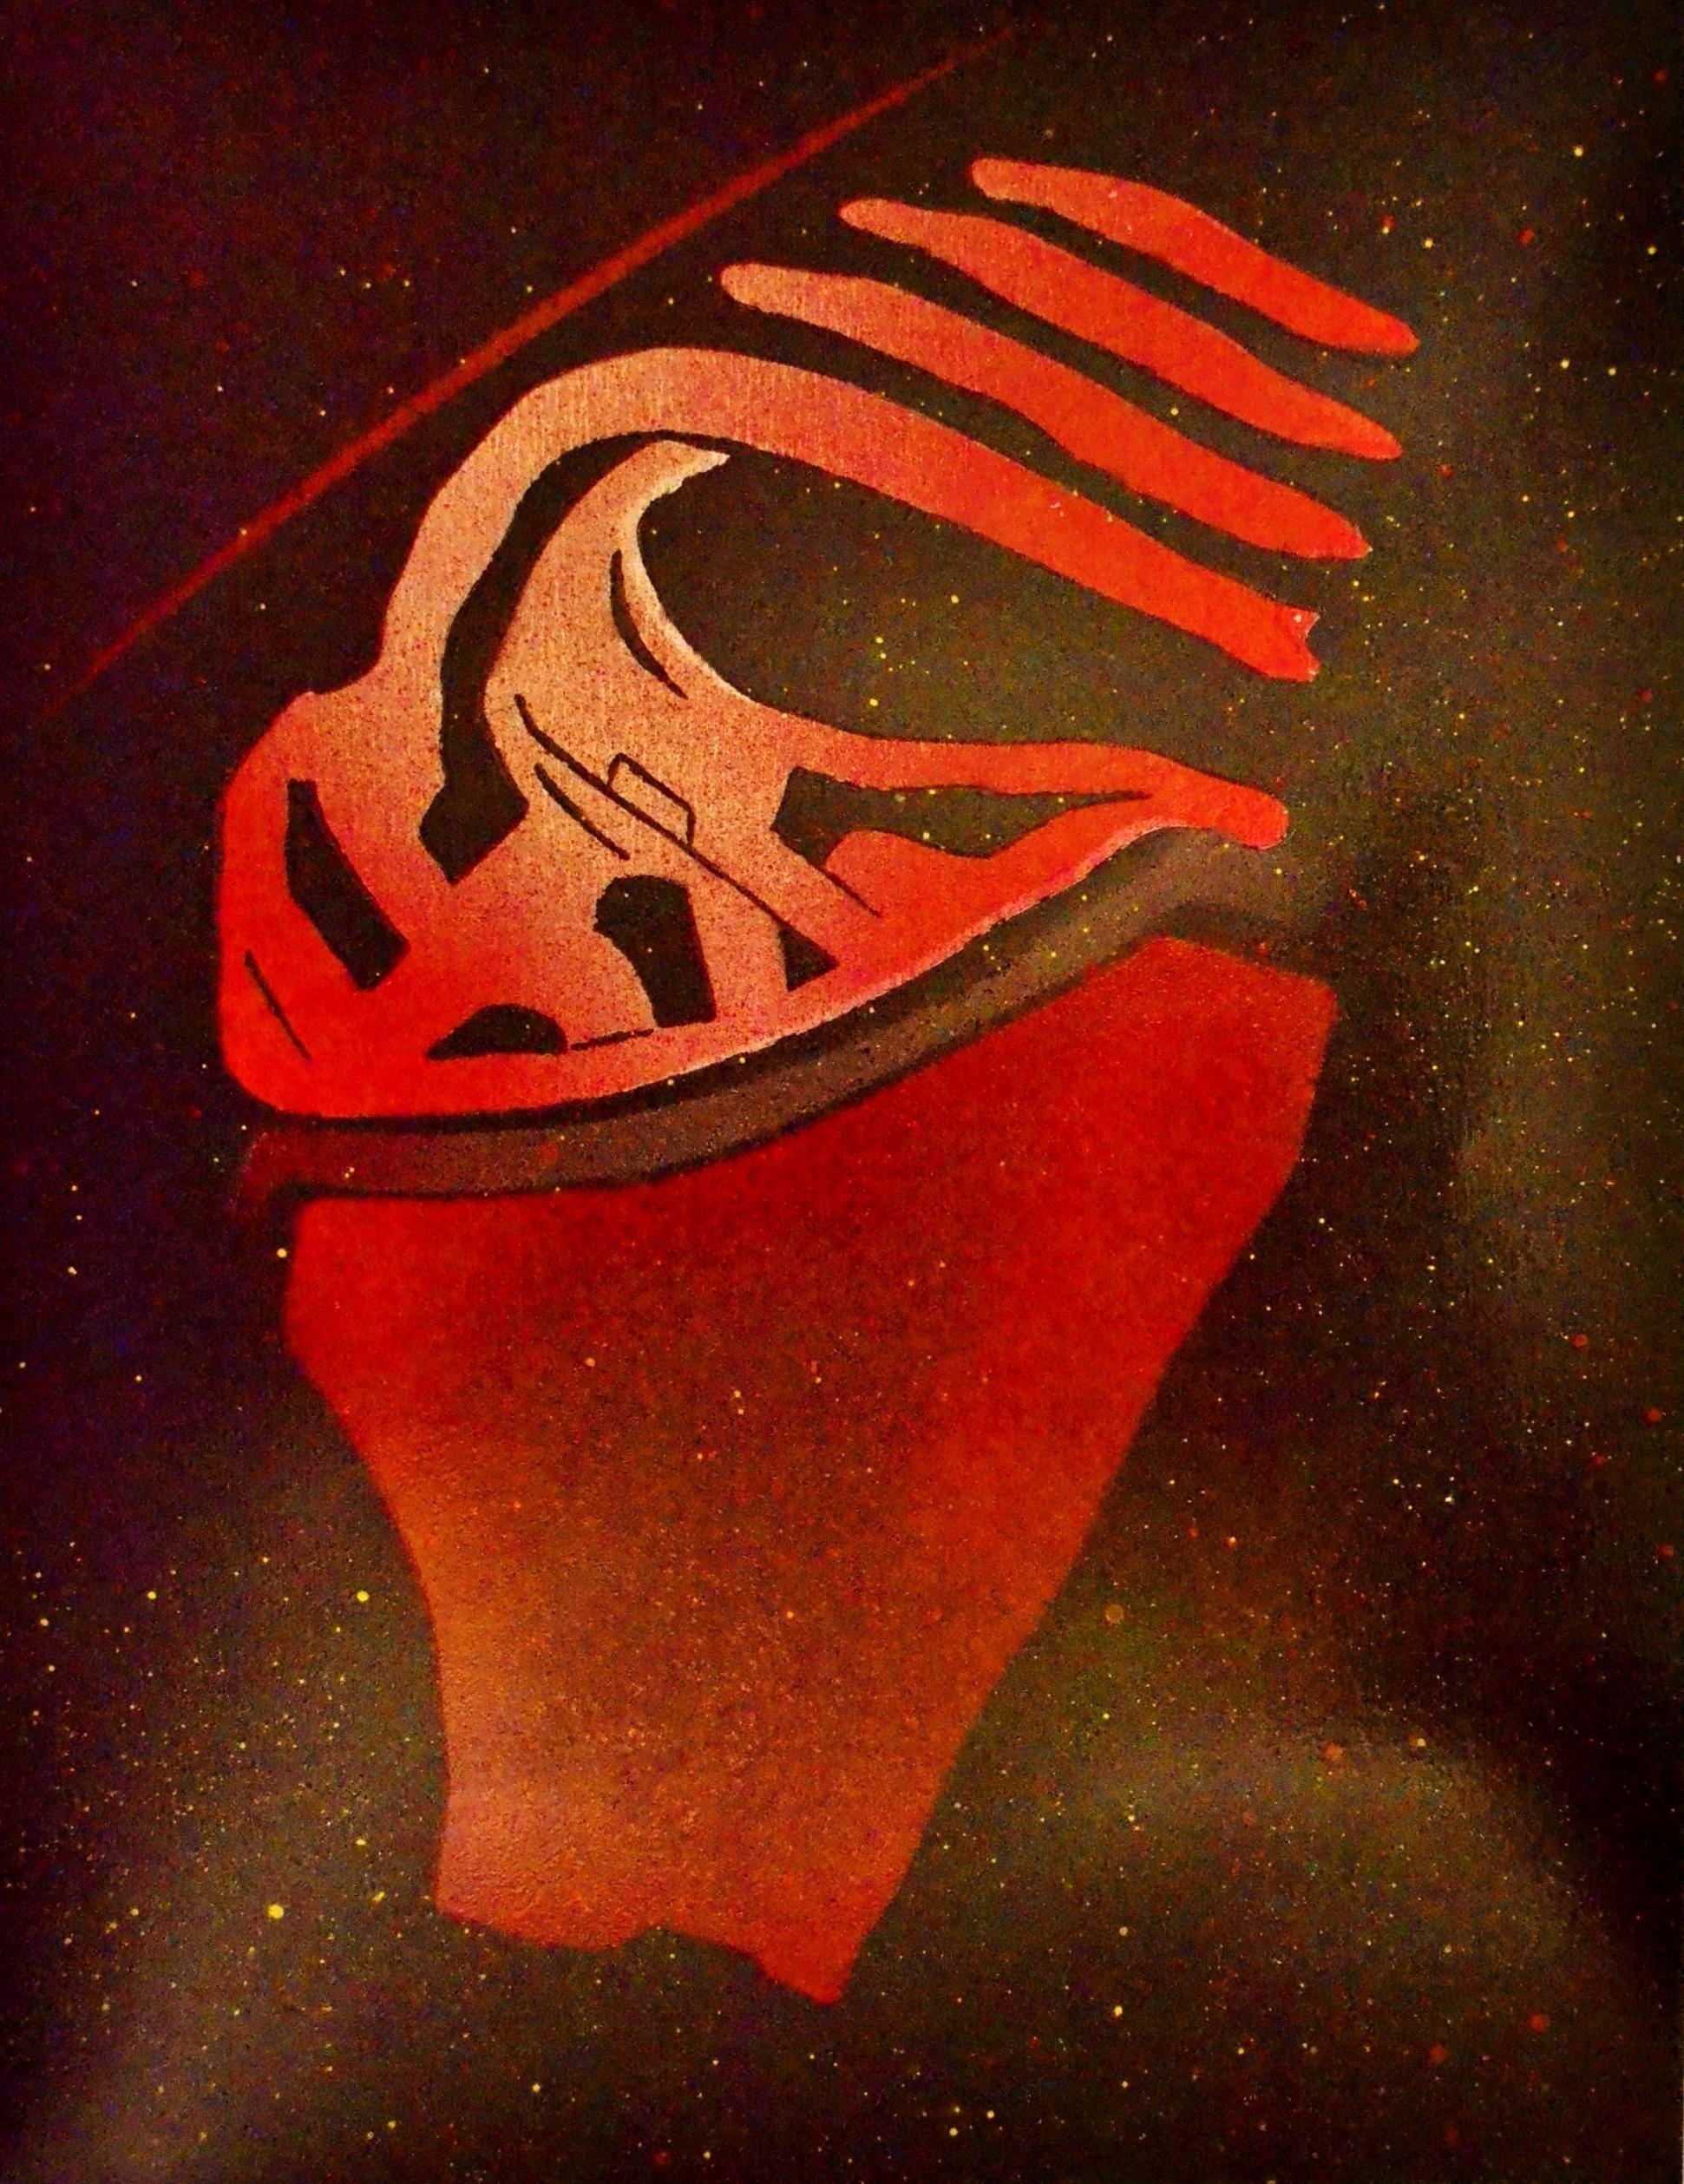 Kylo Ren Metal Painting Star Wars Force Awakens Dark Side Spray Paint by Art of Steel